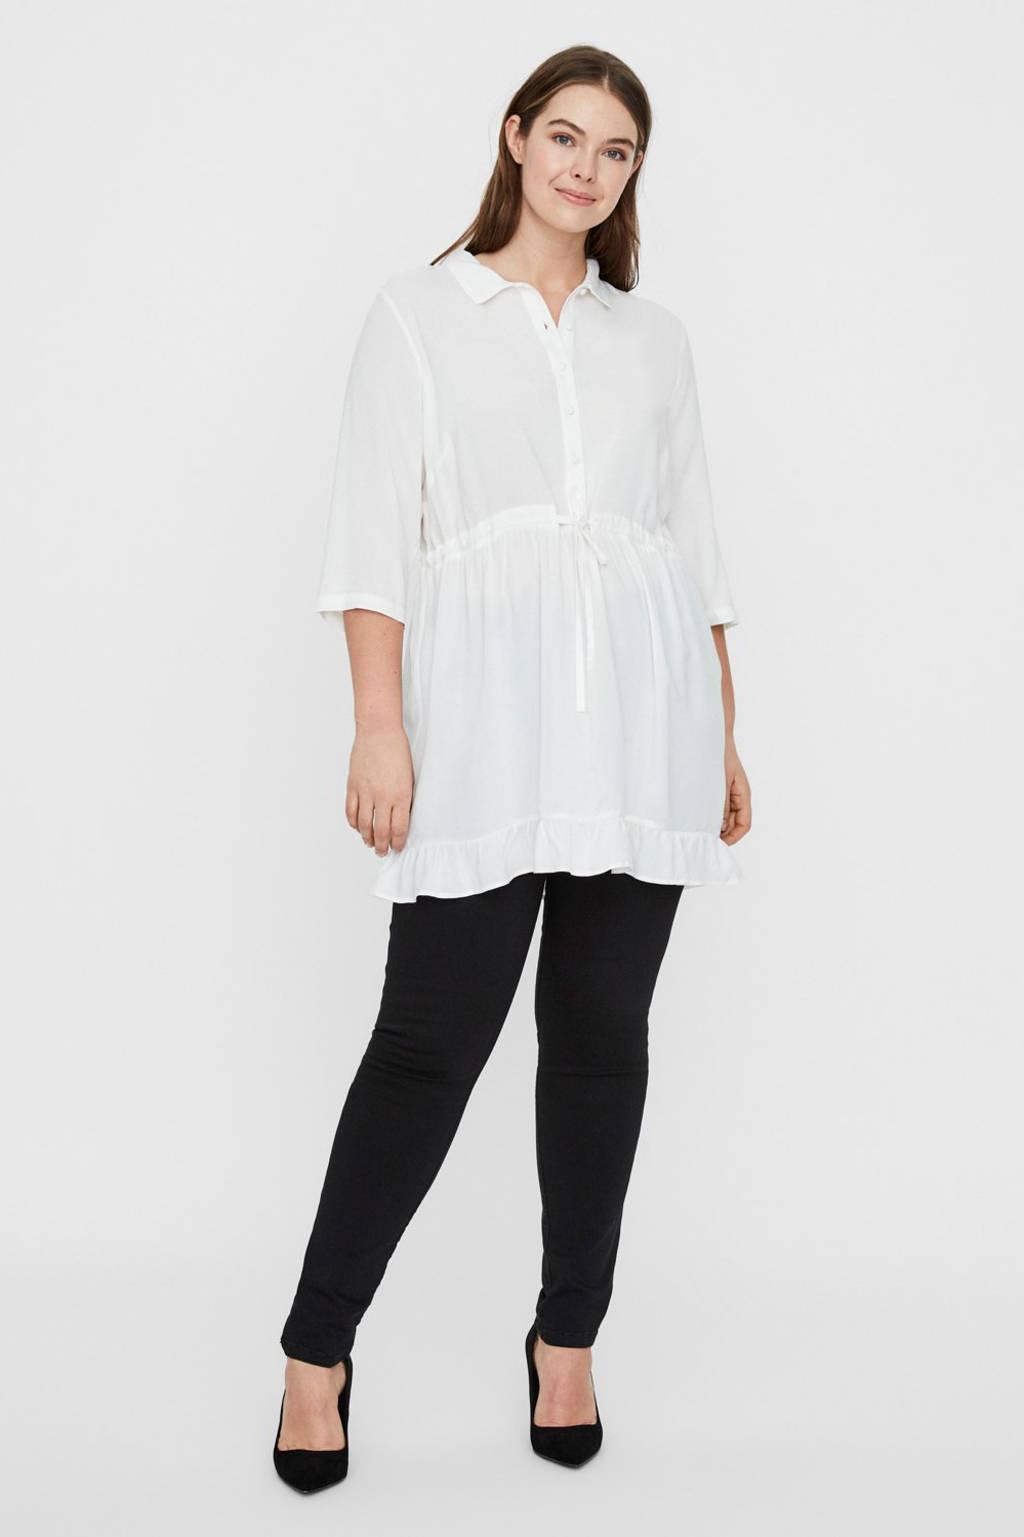 JUNAROSE blousejurk met volant wit, Wit